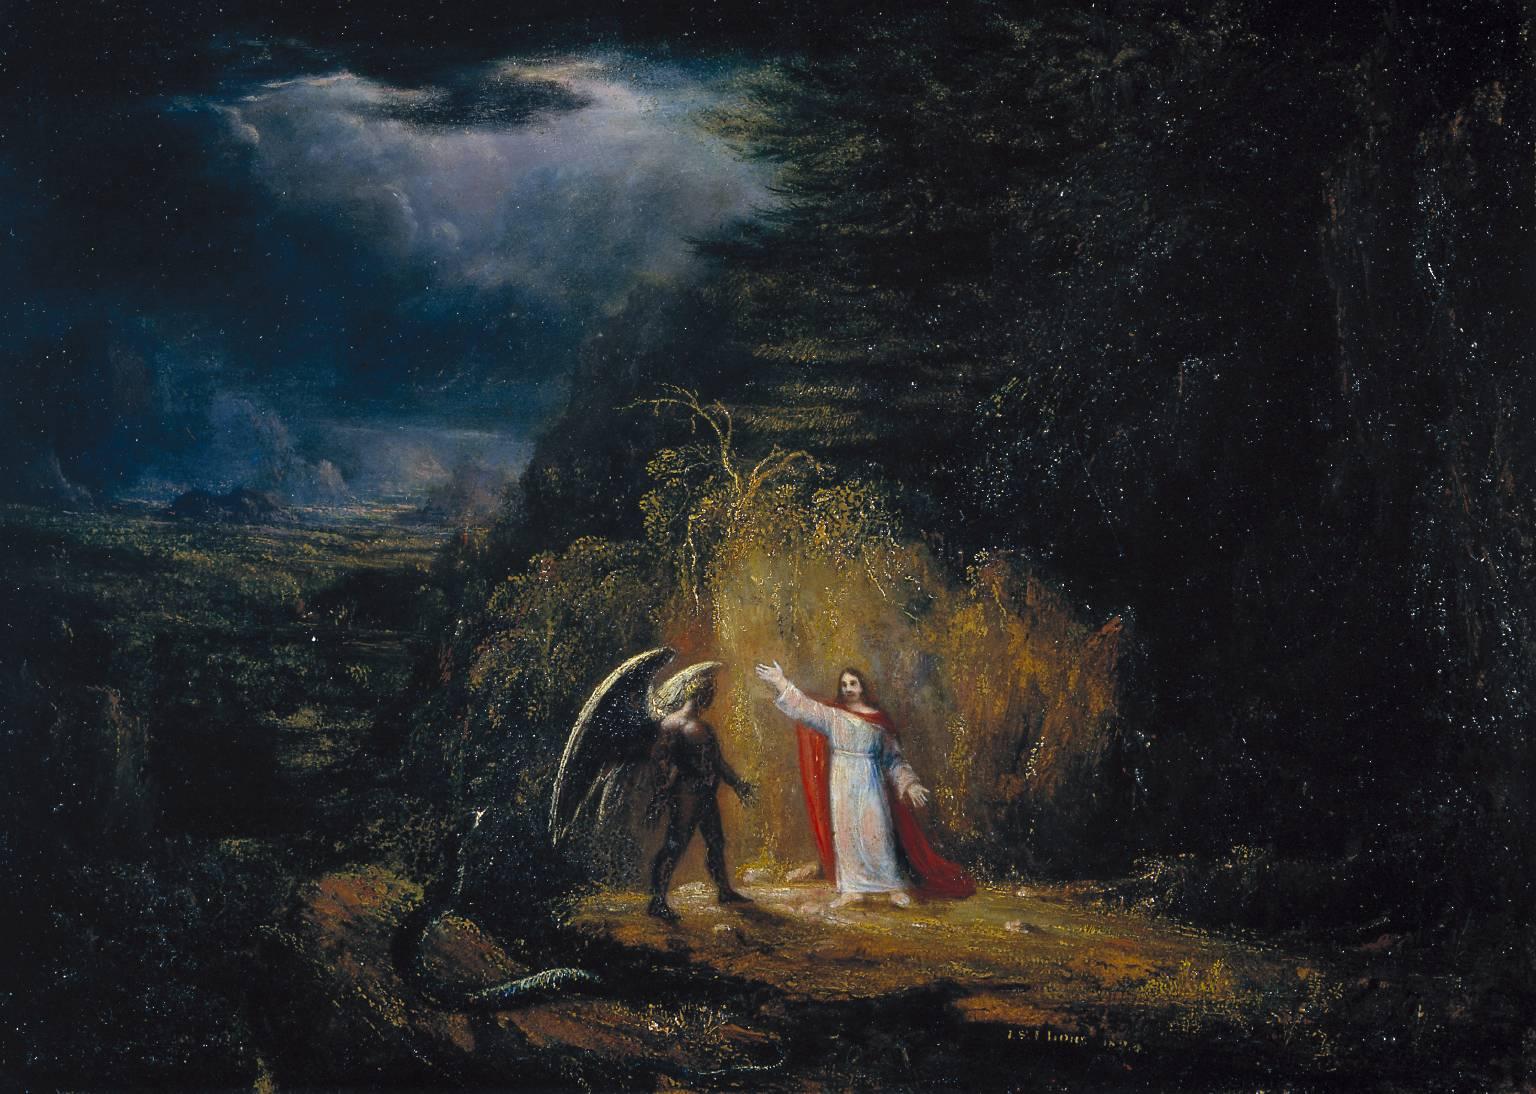 The Temptation in the Wilderness, John St John Long, 1824.